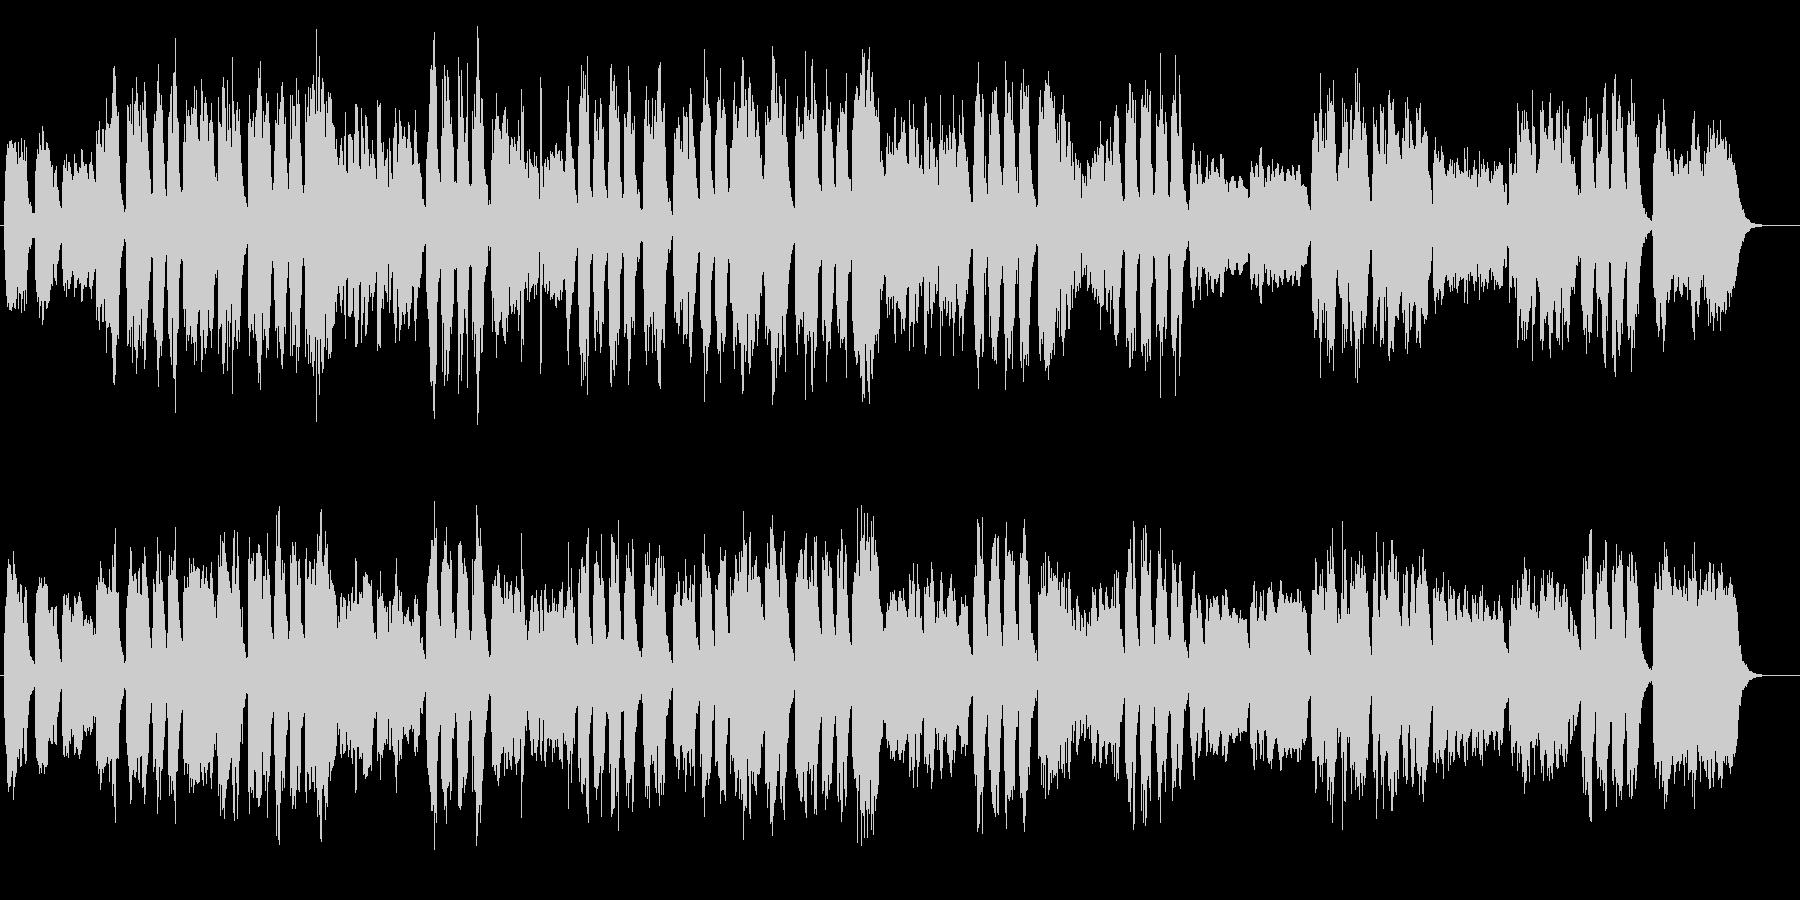 ハレルヤ合唱 パイプオルガンクラシックの未再生の波形